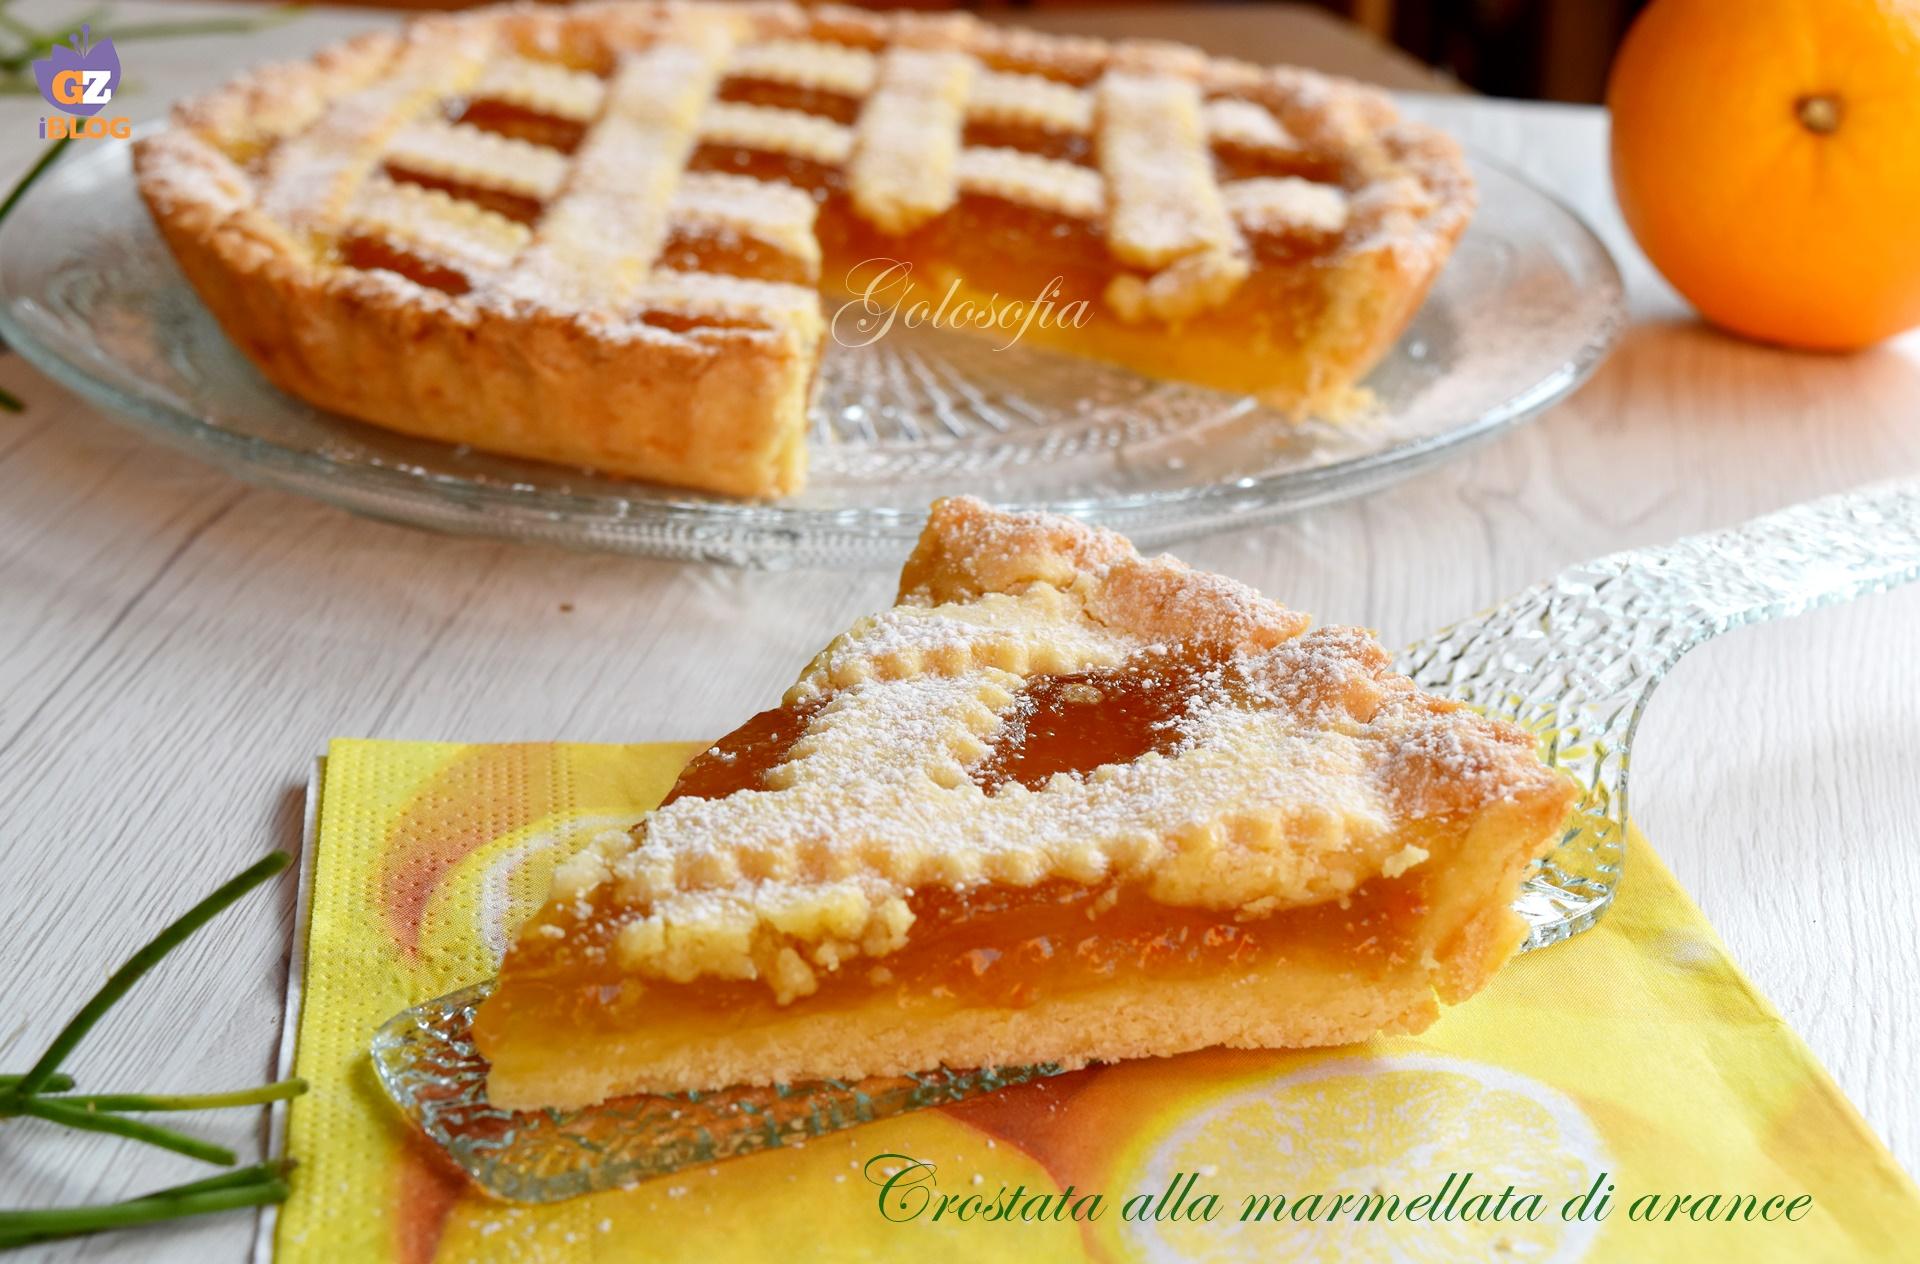 Crostata alla marmellata di arance, ricetta buonissima